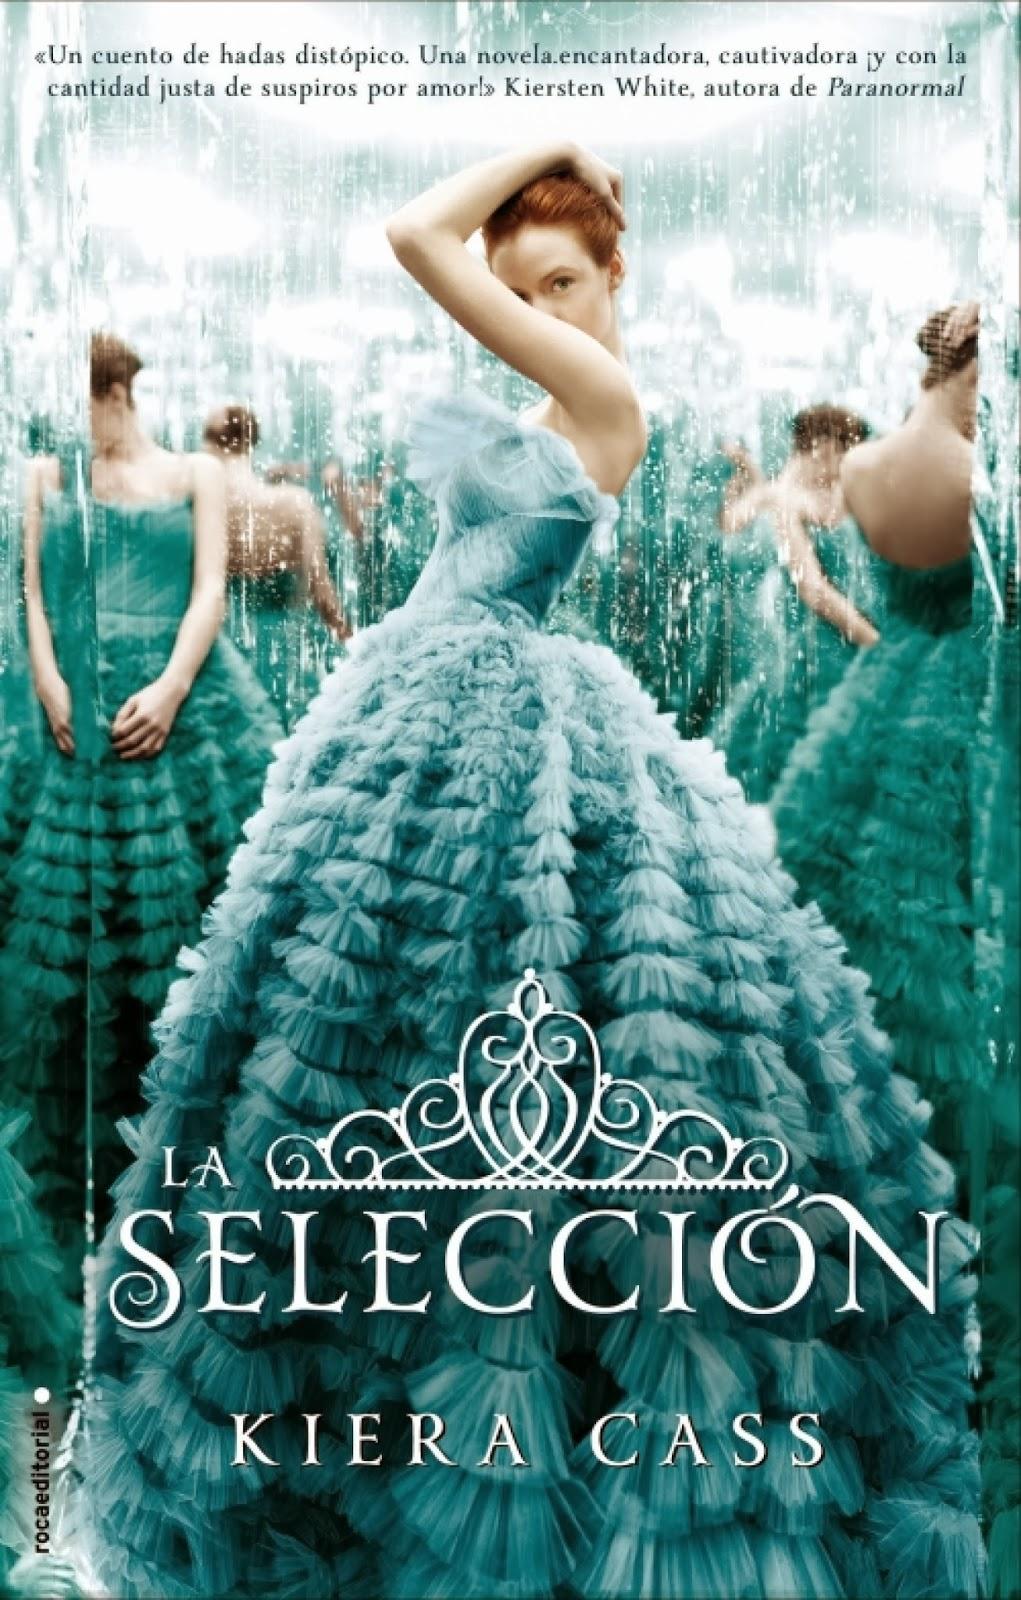 Reseña: La selección (The Selection #1) de Kiera Cass